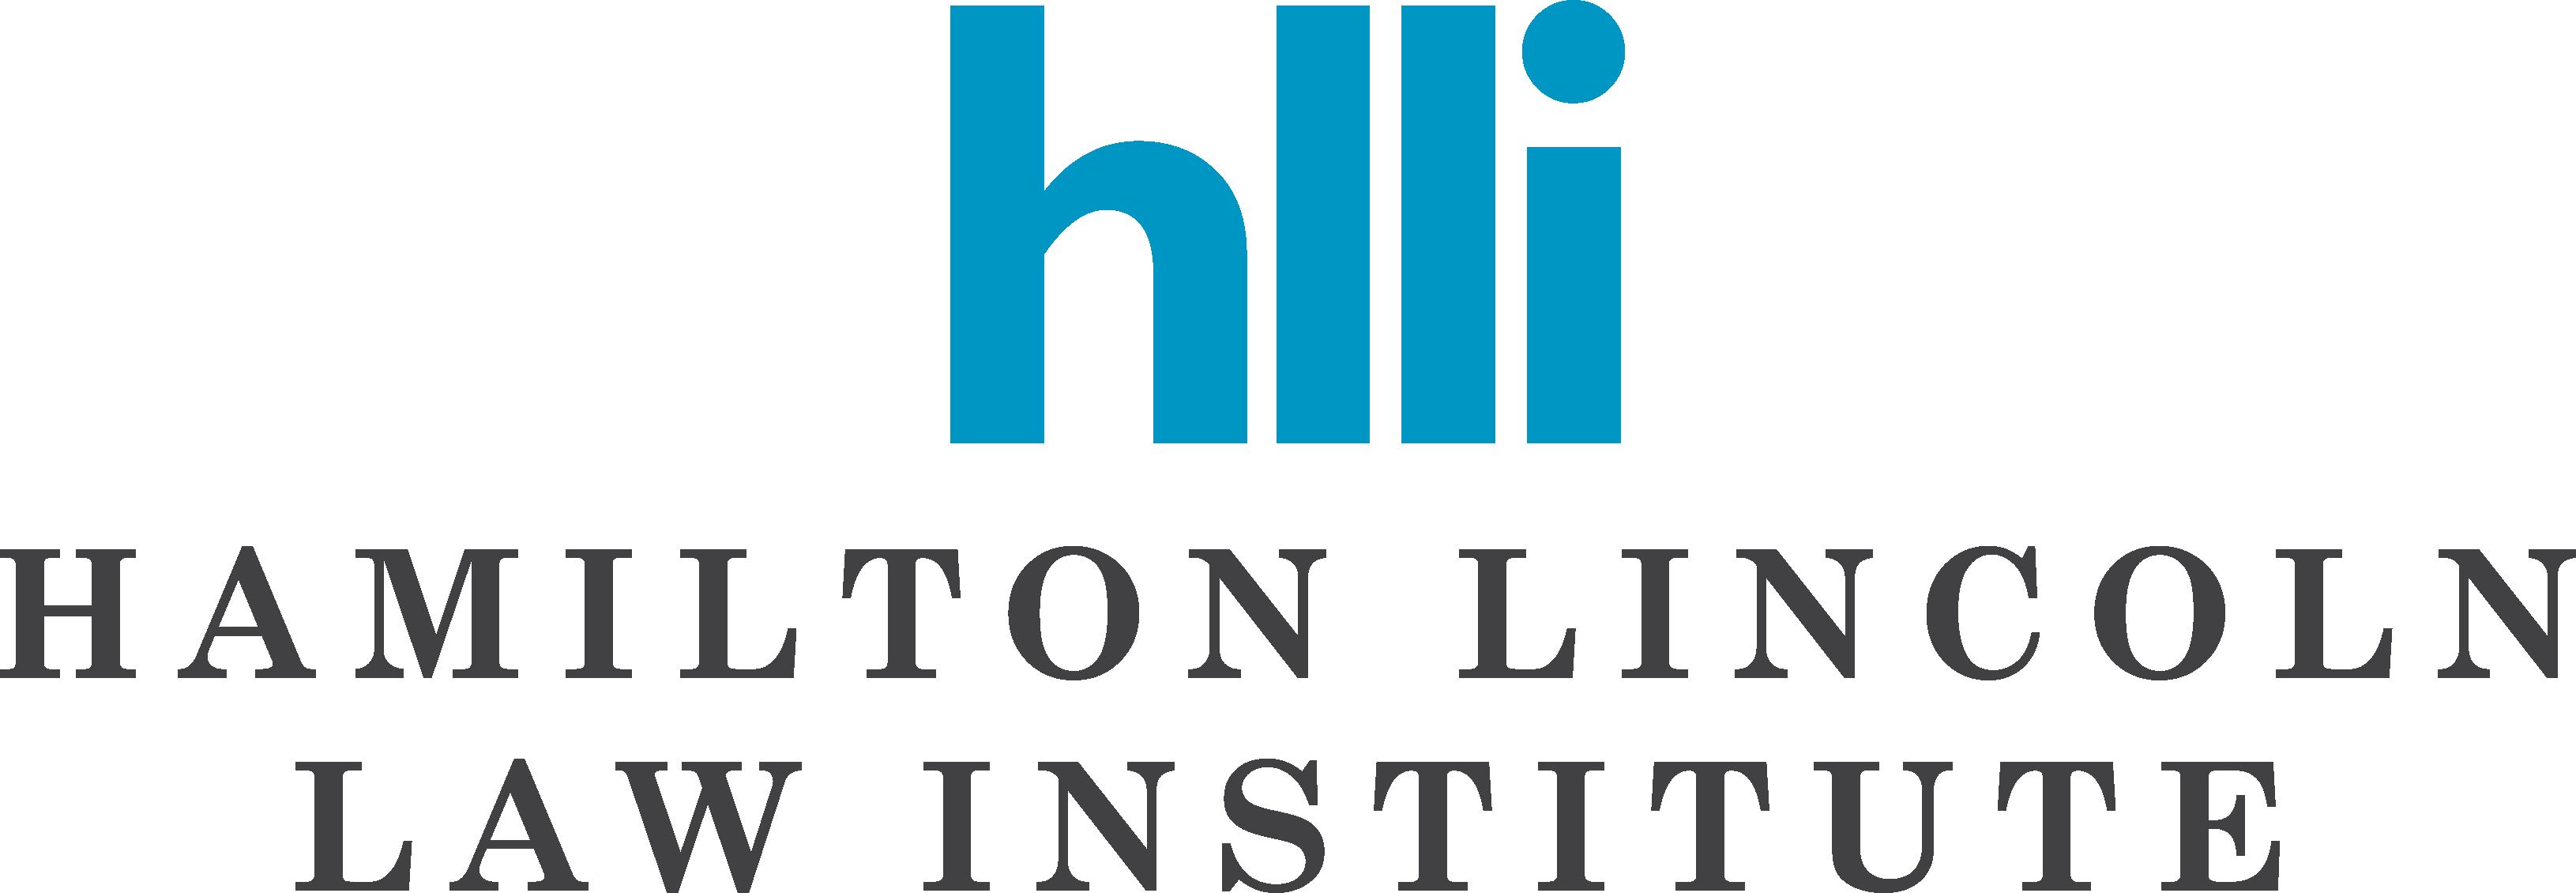 Hamilton Lincoln Law Institute